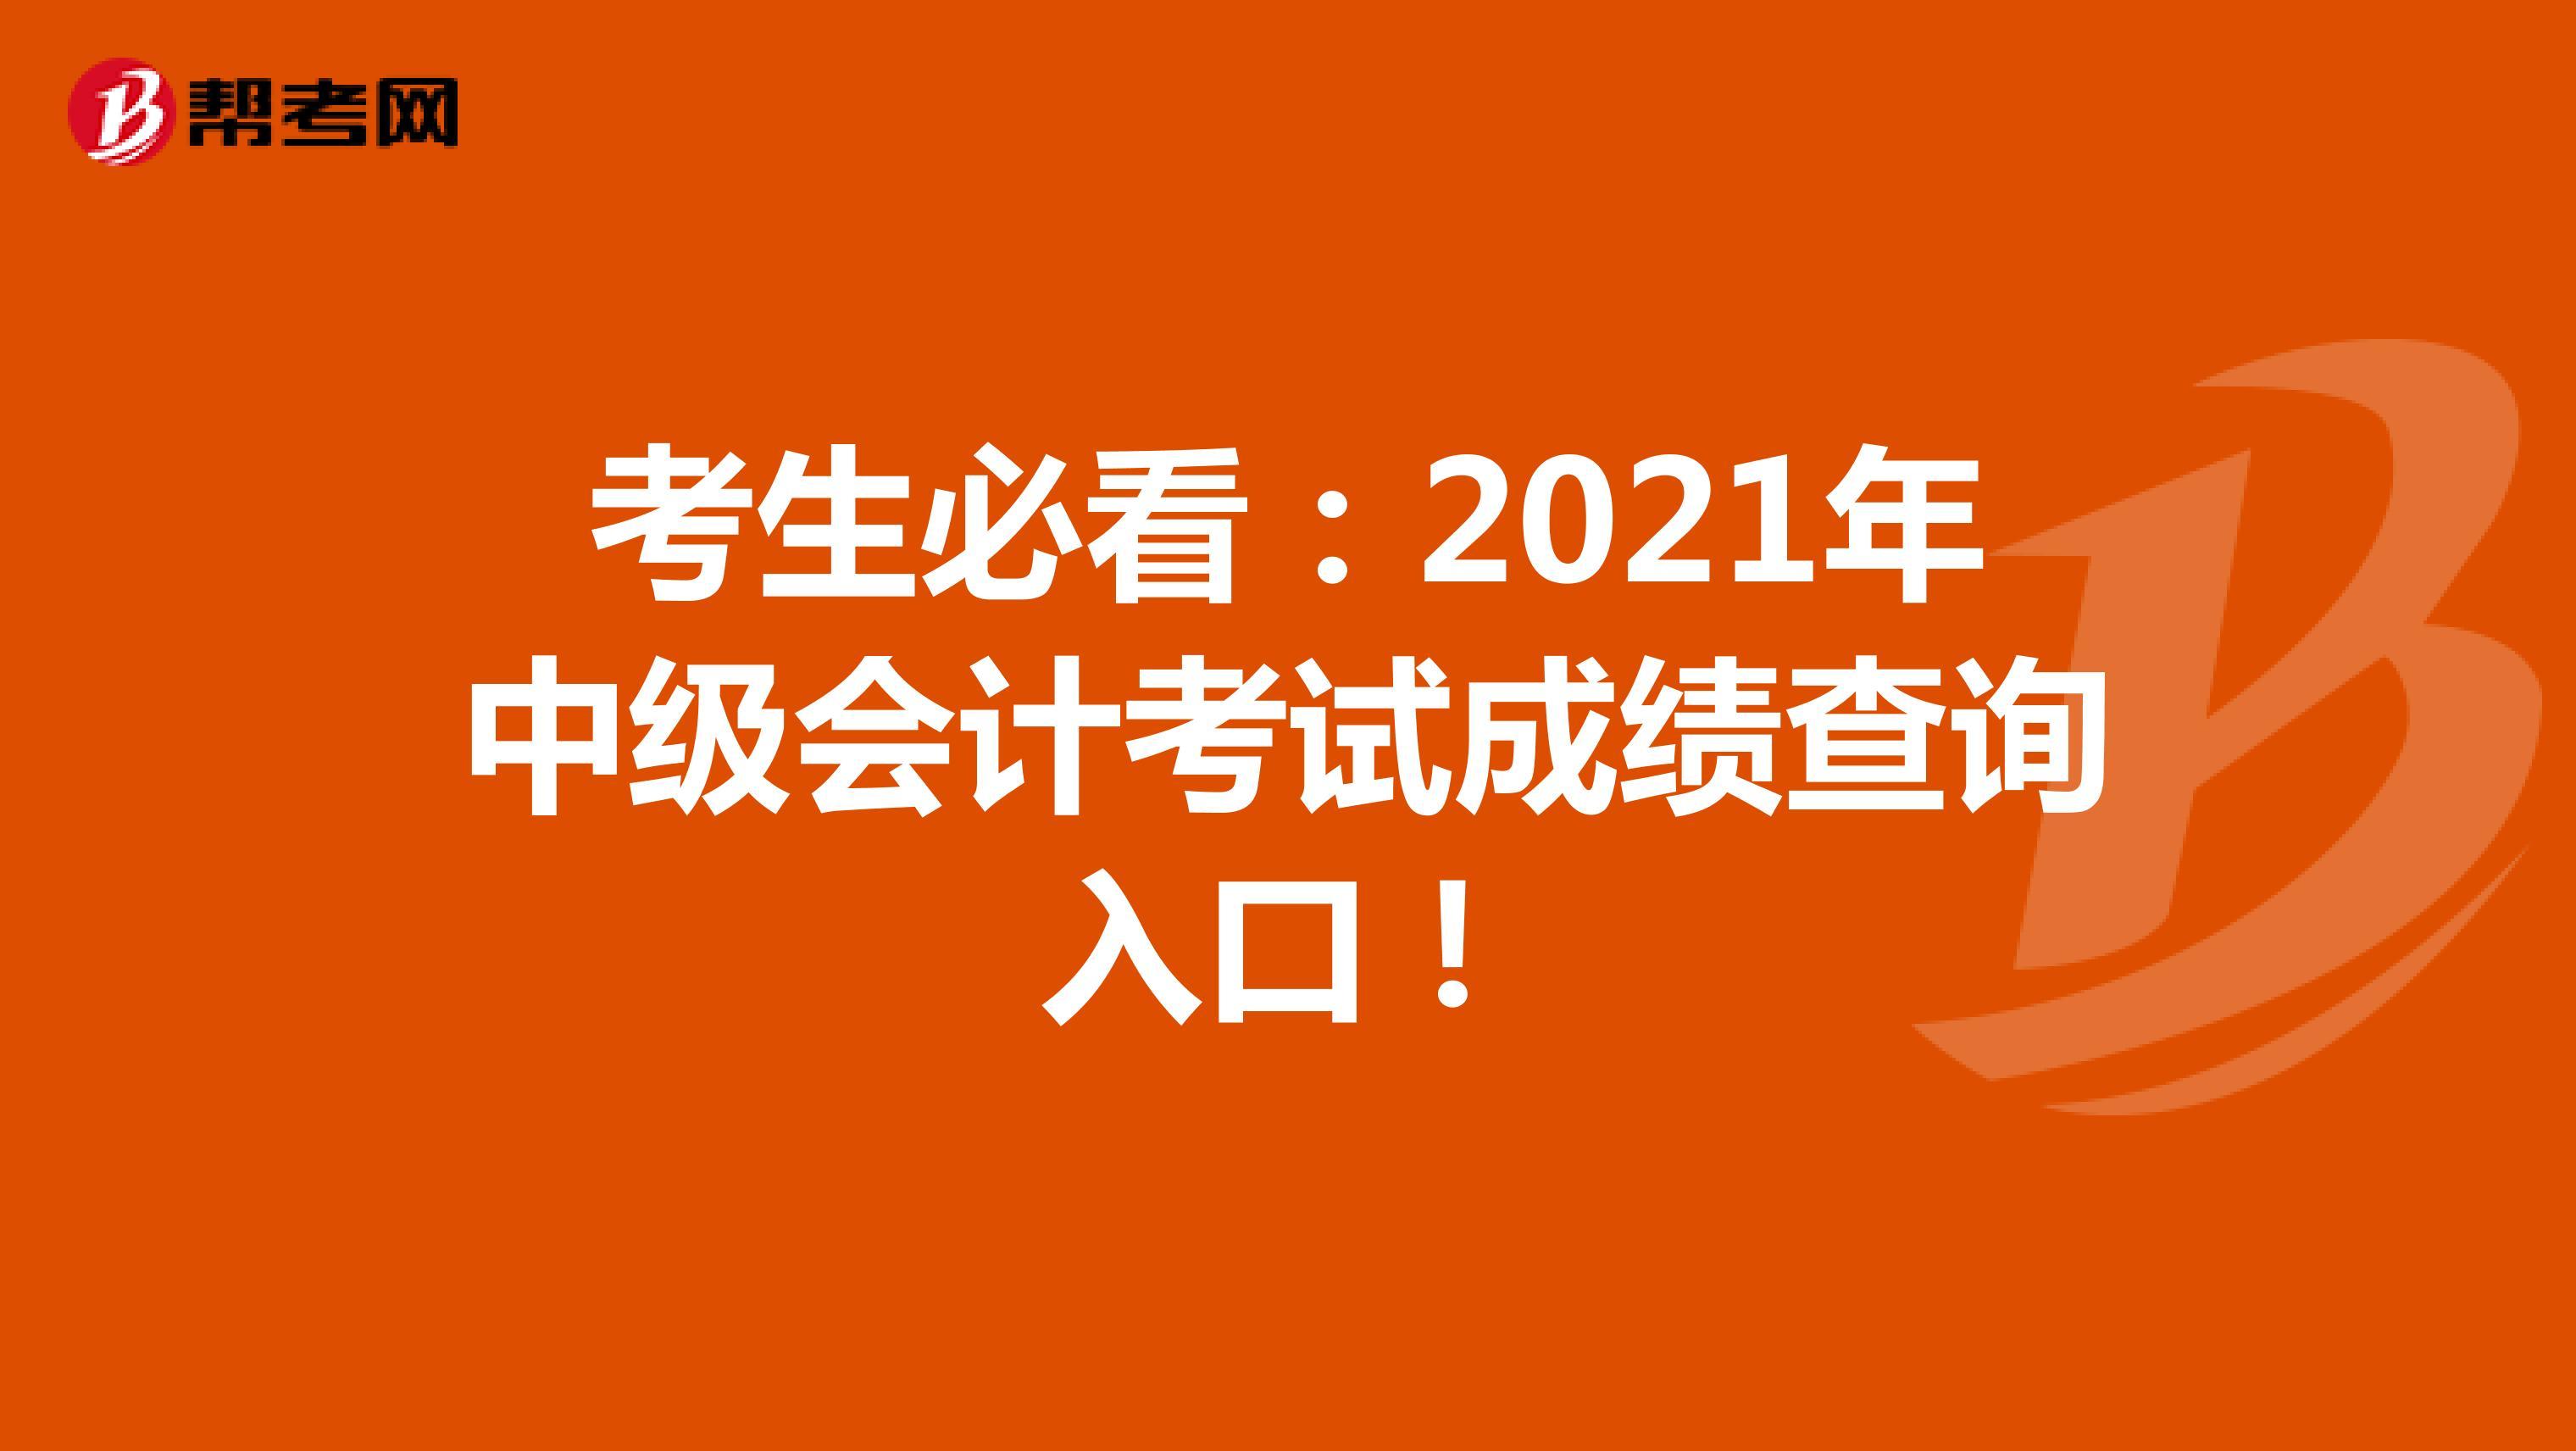 考生必看:2021年中级会计考试成绩查询入口!